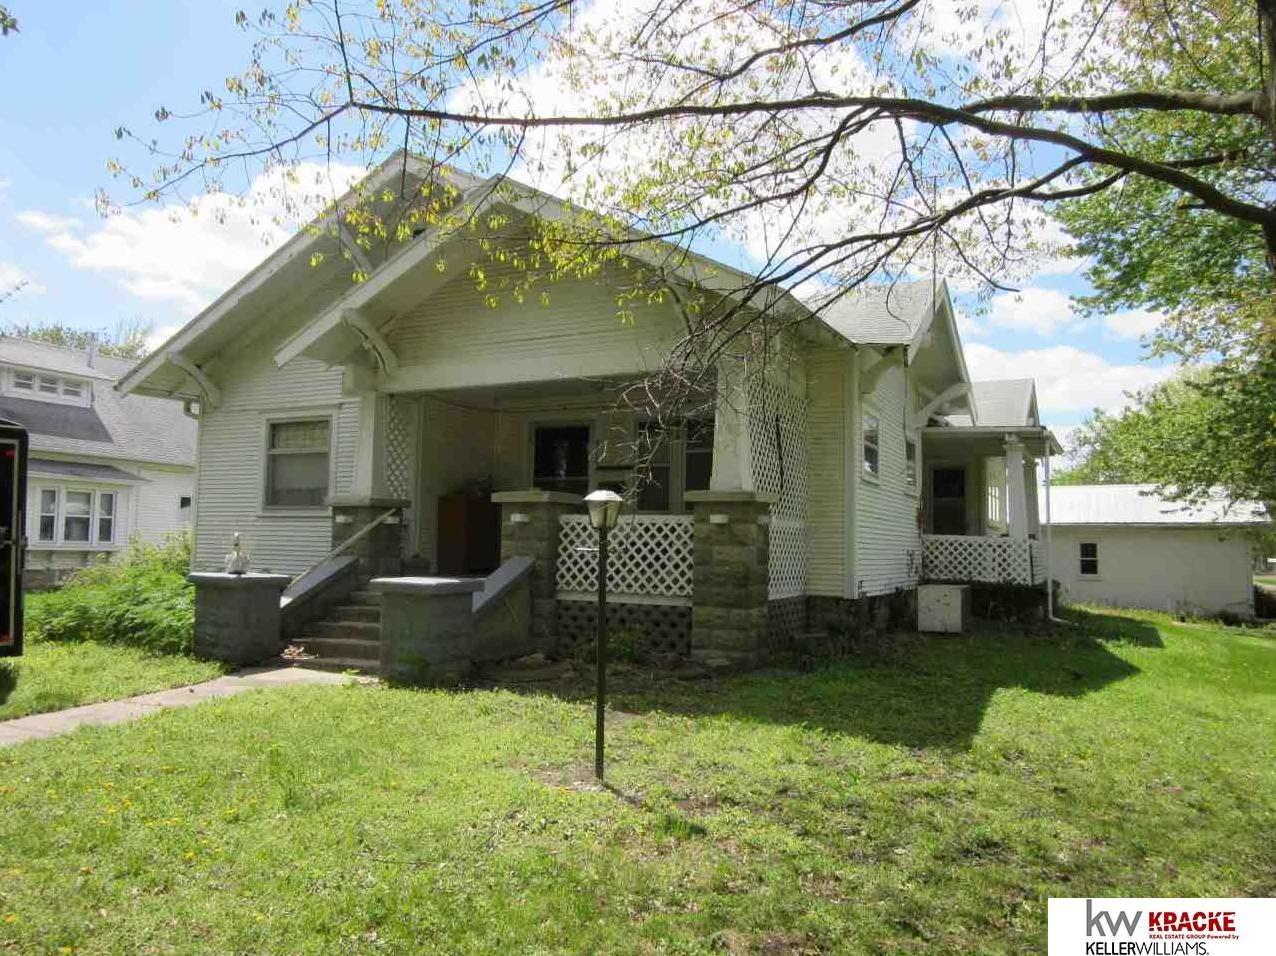 Photo of 410 S Clemons Street Ohiowa NE 68416